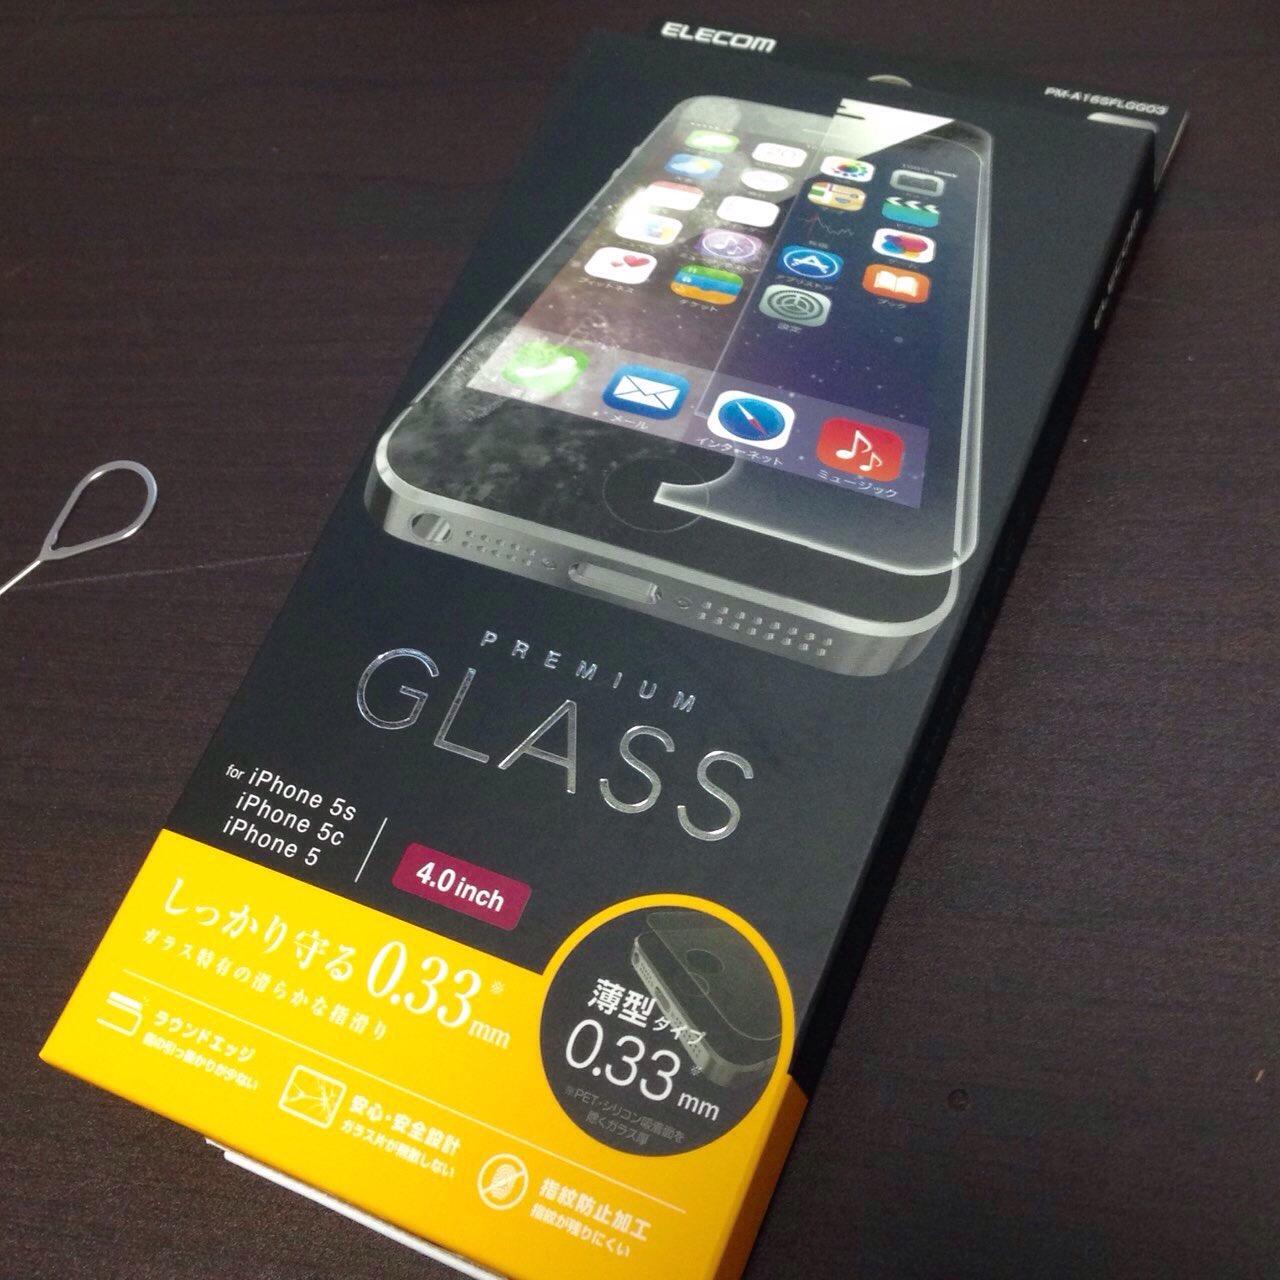 ガラスフイルムで画面保護!指の動きも驚くほど滑らかに!iPhoneSEに貼ってみた